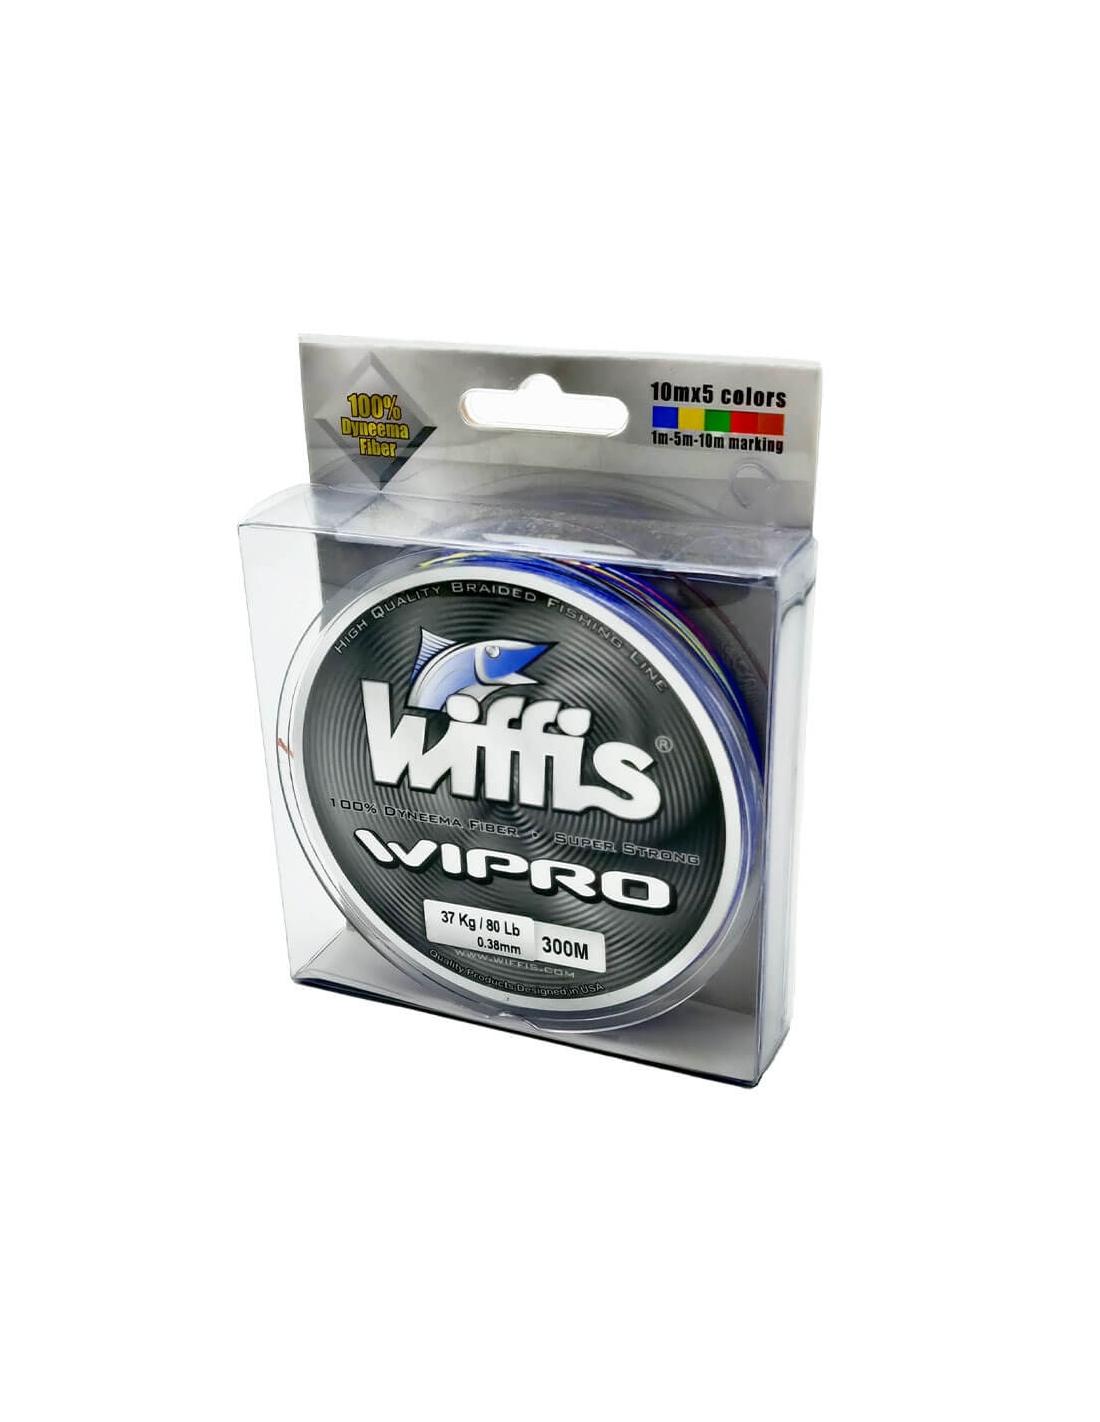 Línea Trenzada Multicolor Wiffis Wipro 300 m